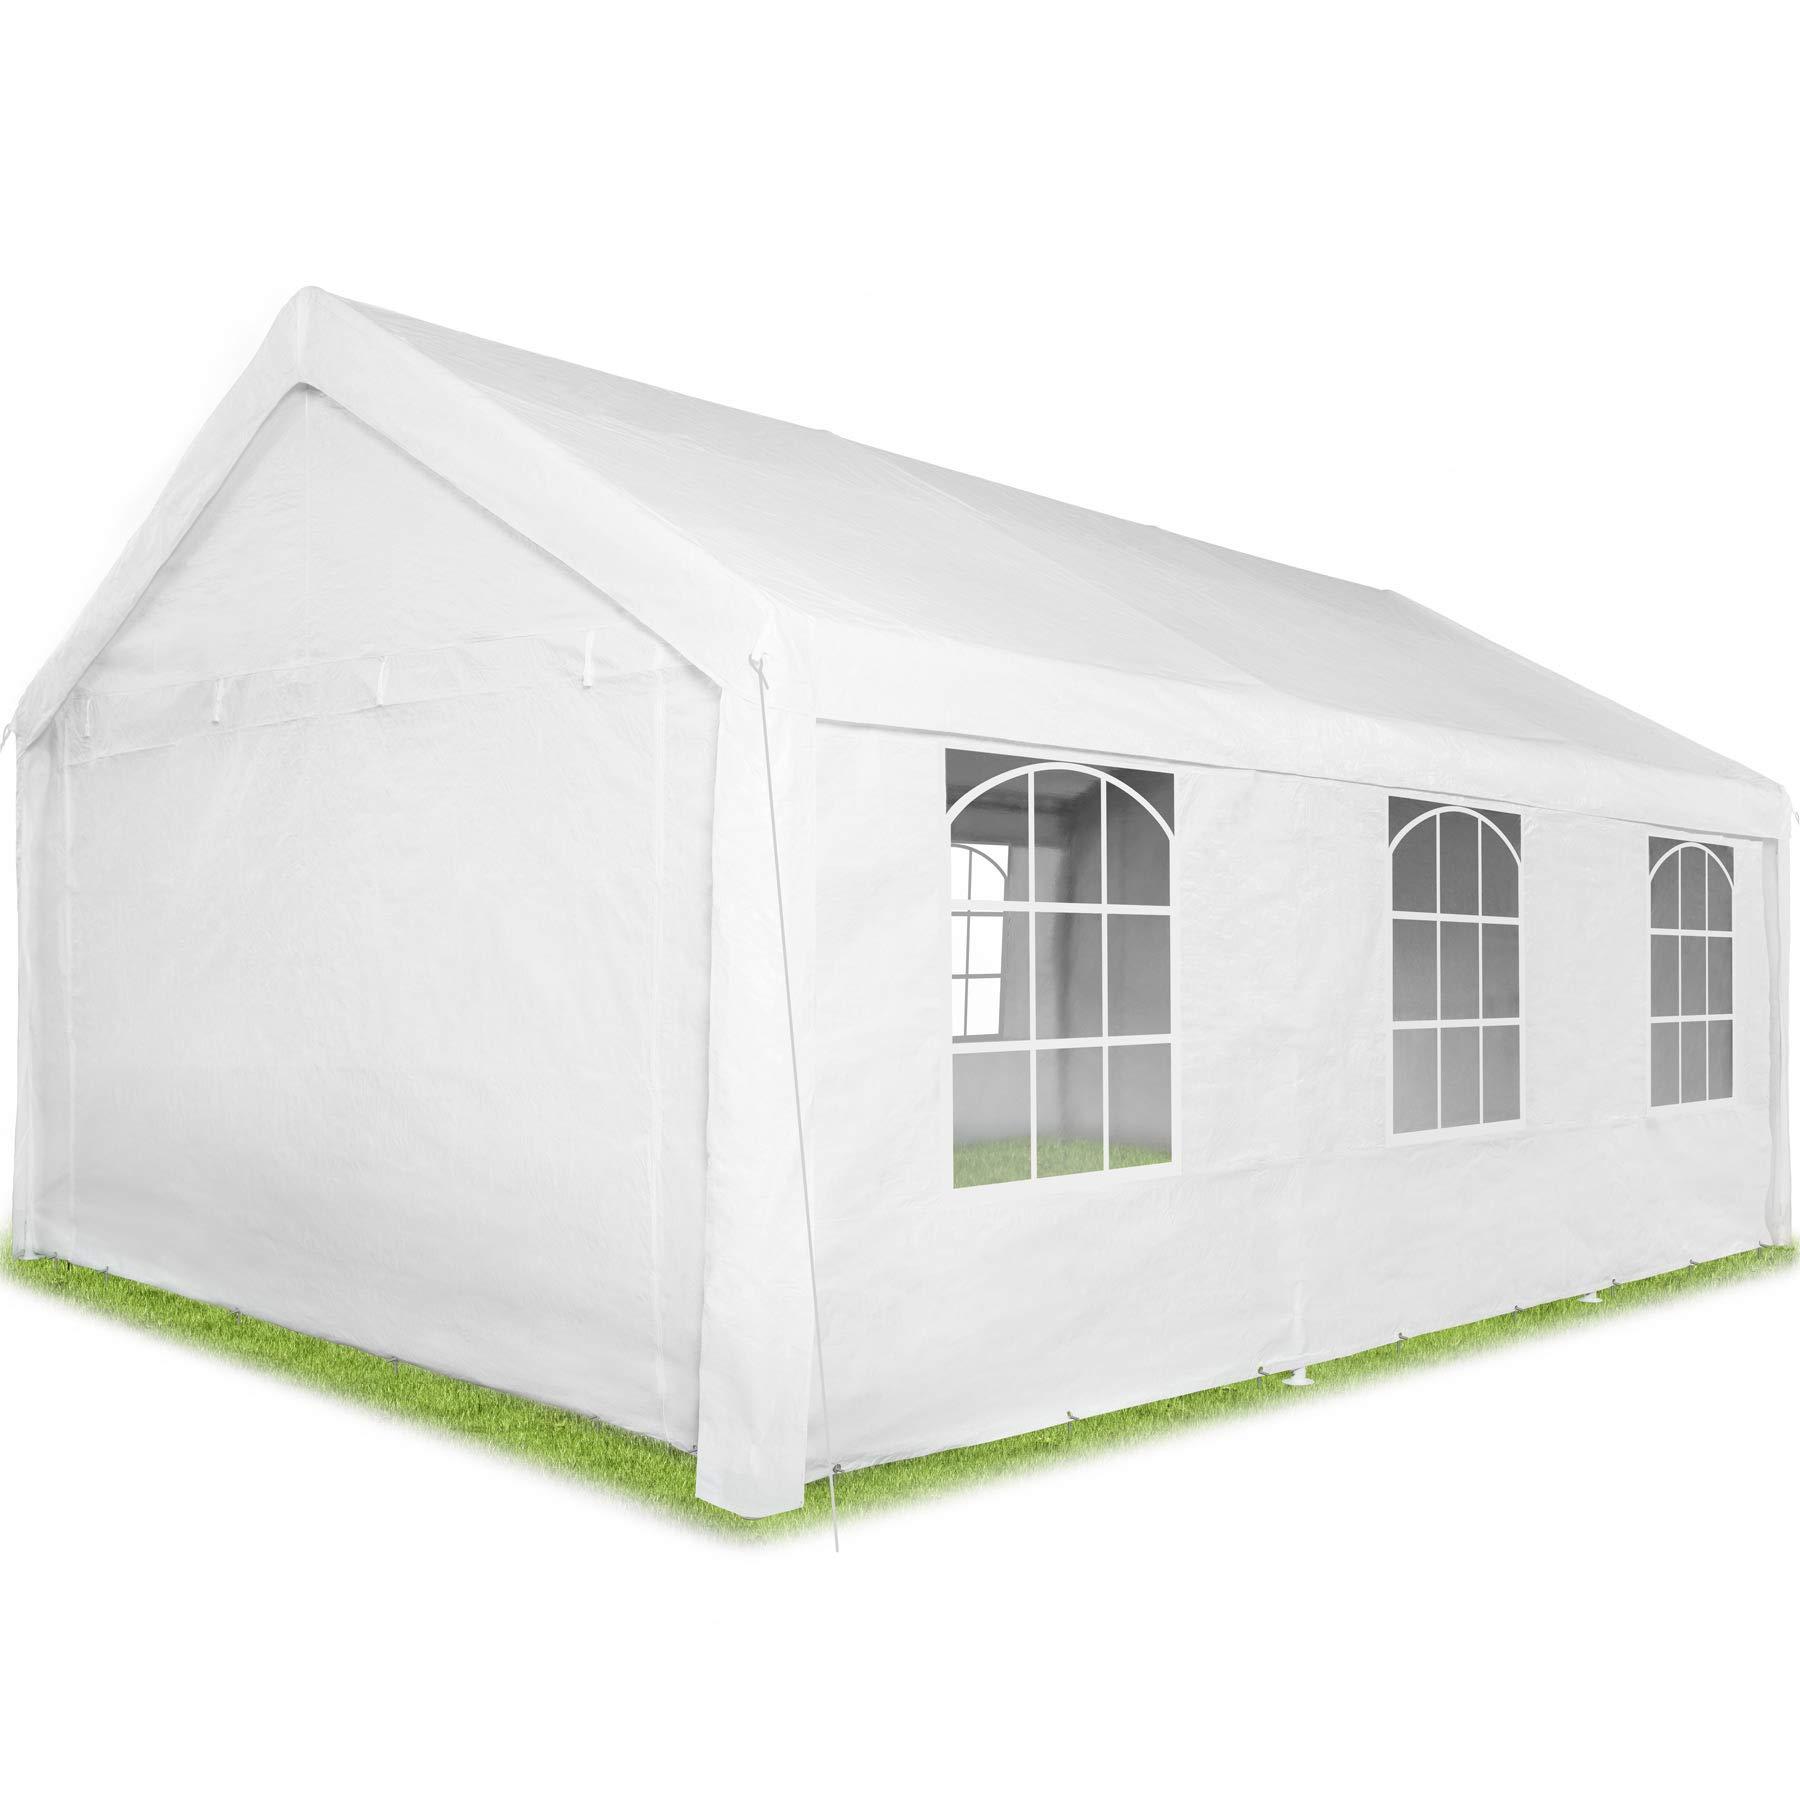 TecTake 403260 Carpa Pabellón de Jardín, 100% Impermeable, Resistente Rayos UV, Cuatro Paneles Laterales, 600x400x315 cm, Blanco: Amazon.es: Jardín